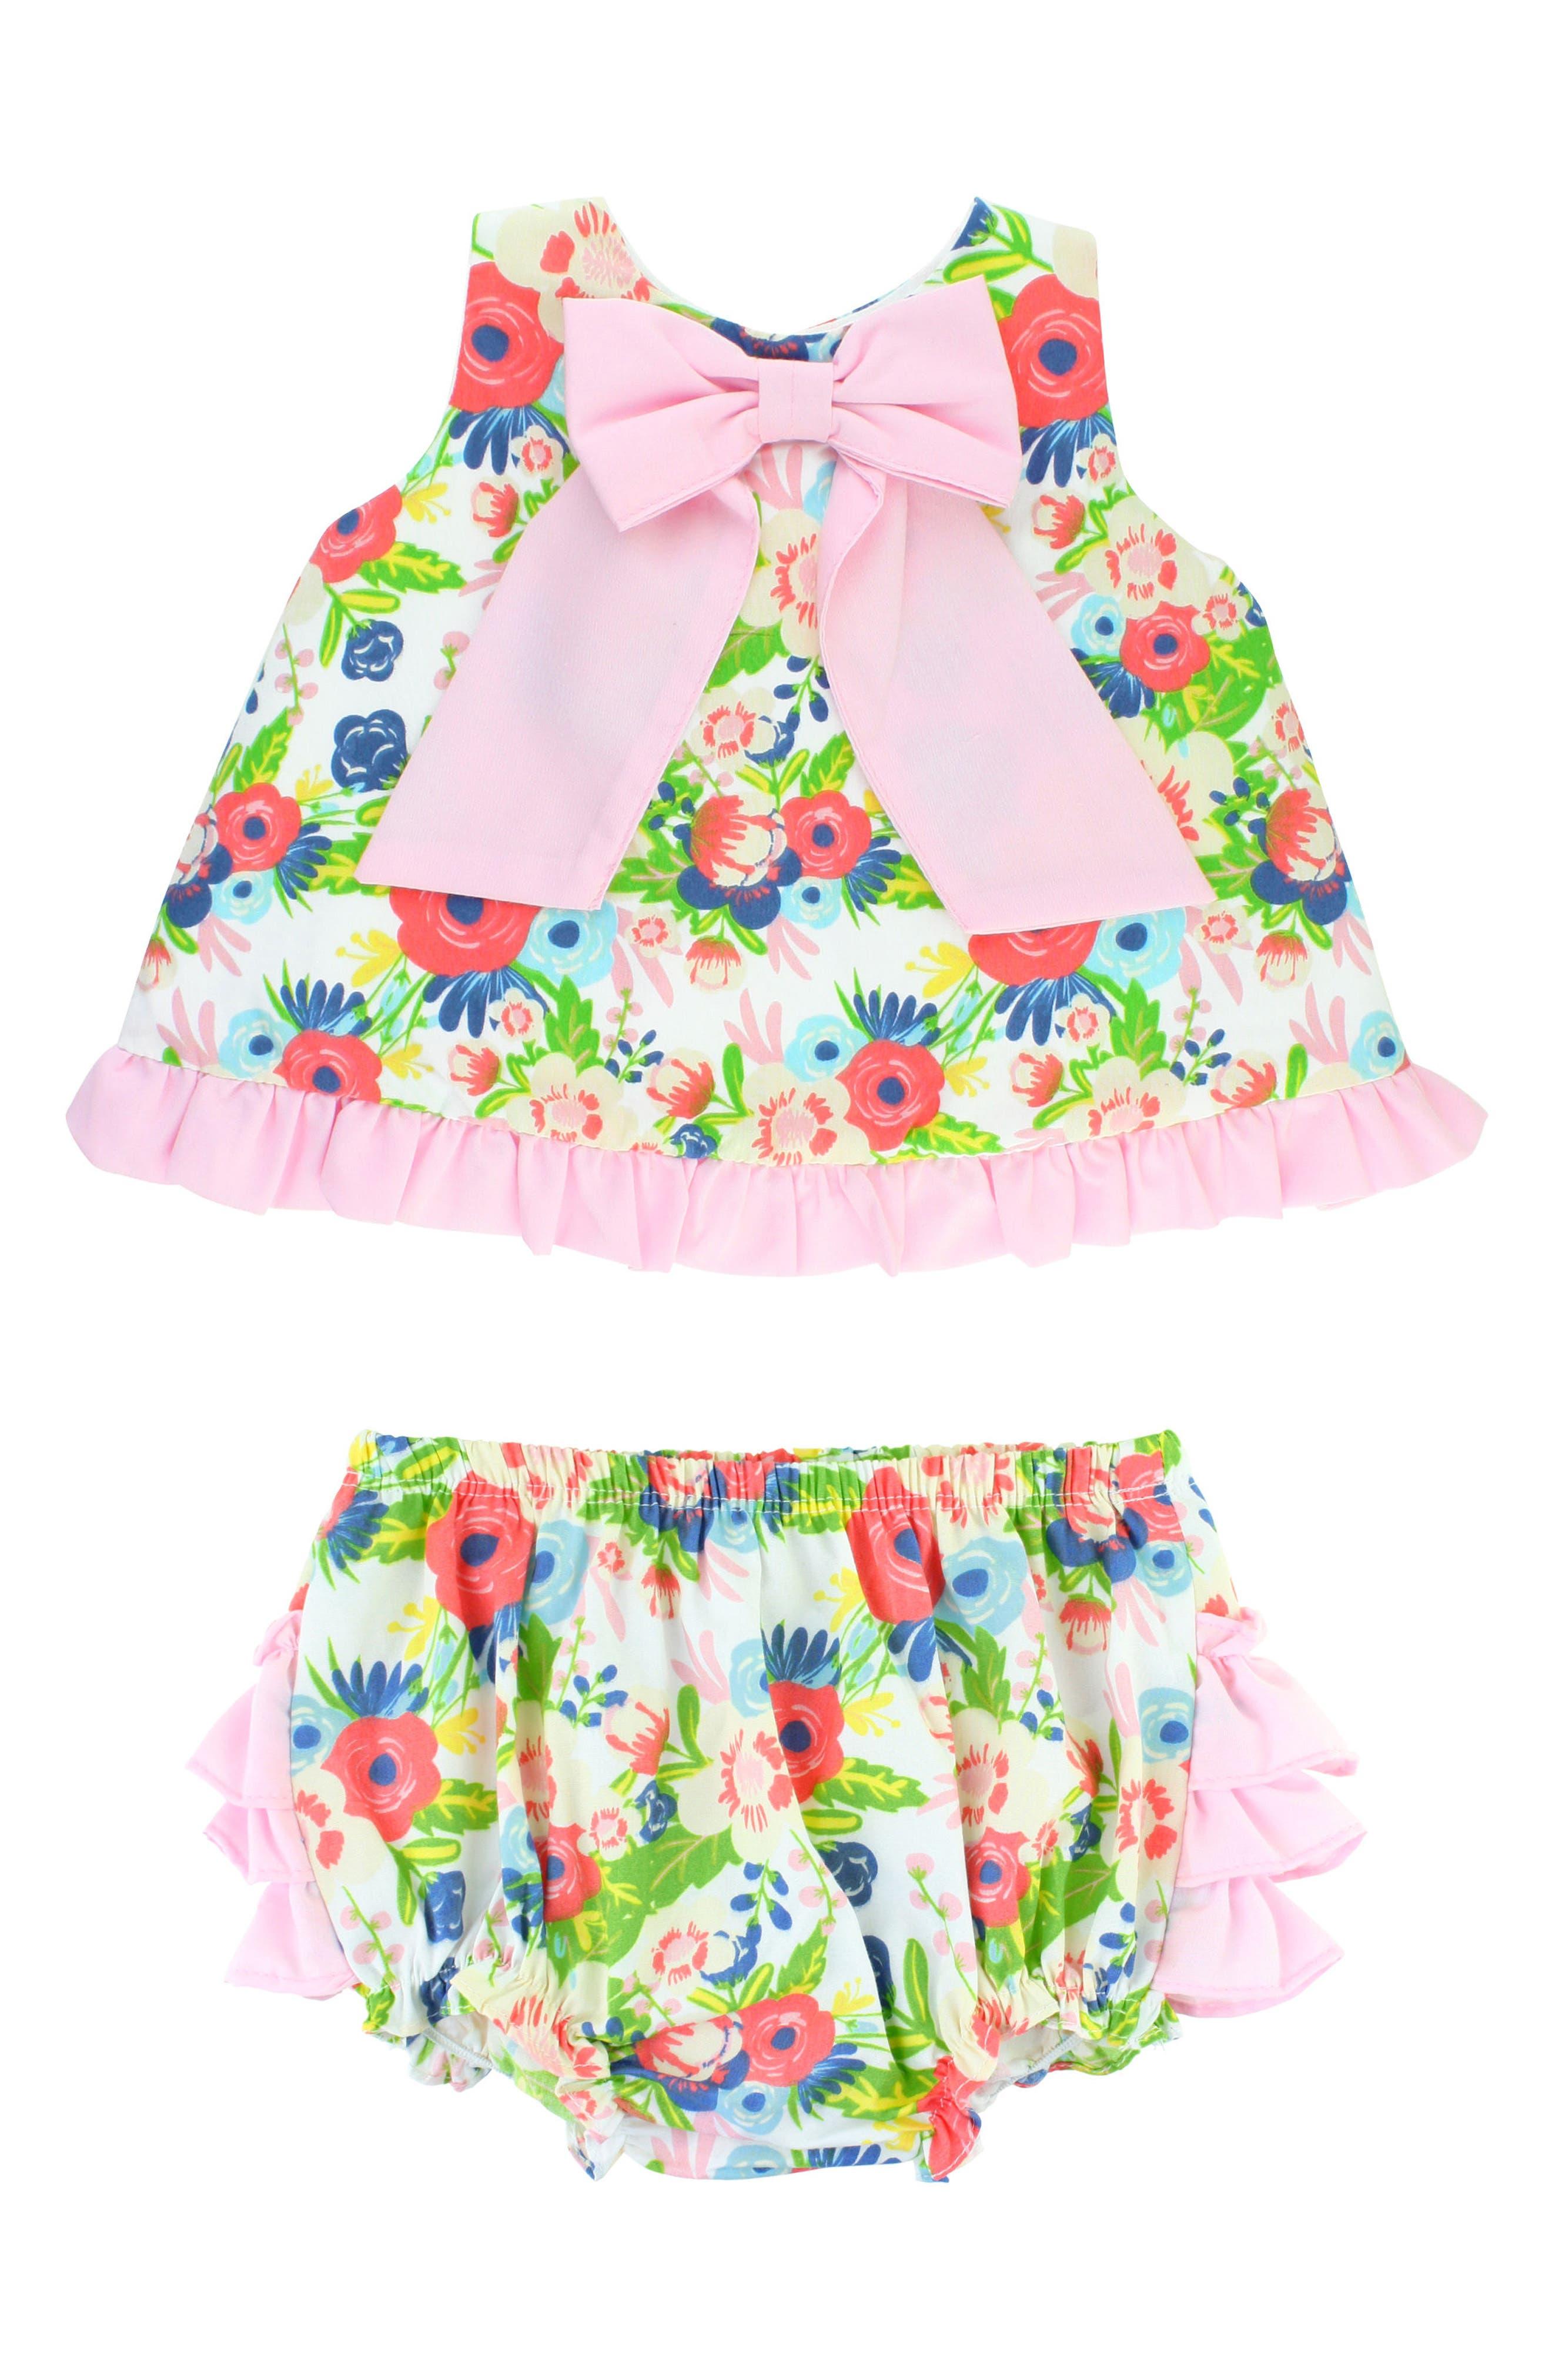 Main Image - RuffleButts English Garden Swing Top & Ruffle Bloomers Set (Baby Girls)